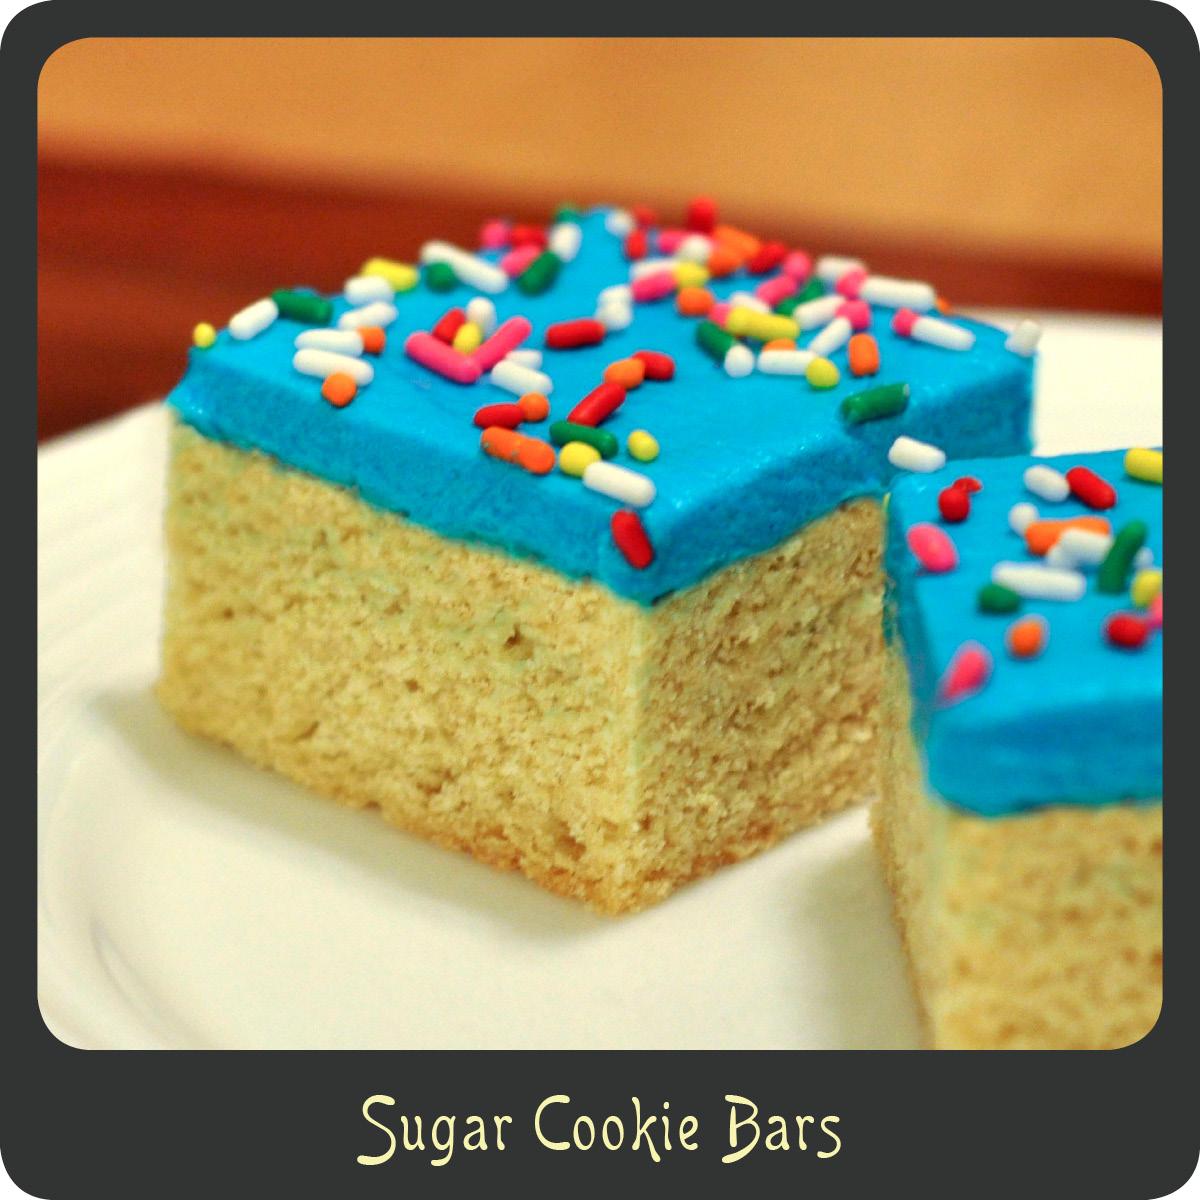 Sugar Cookie Bars |